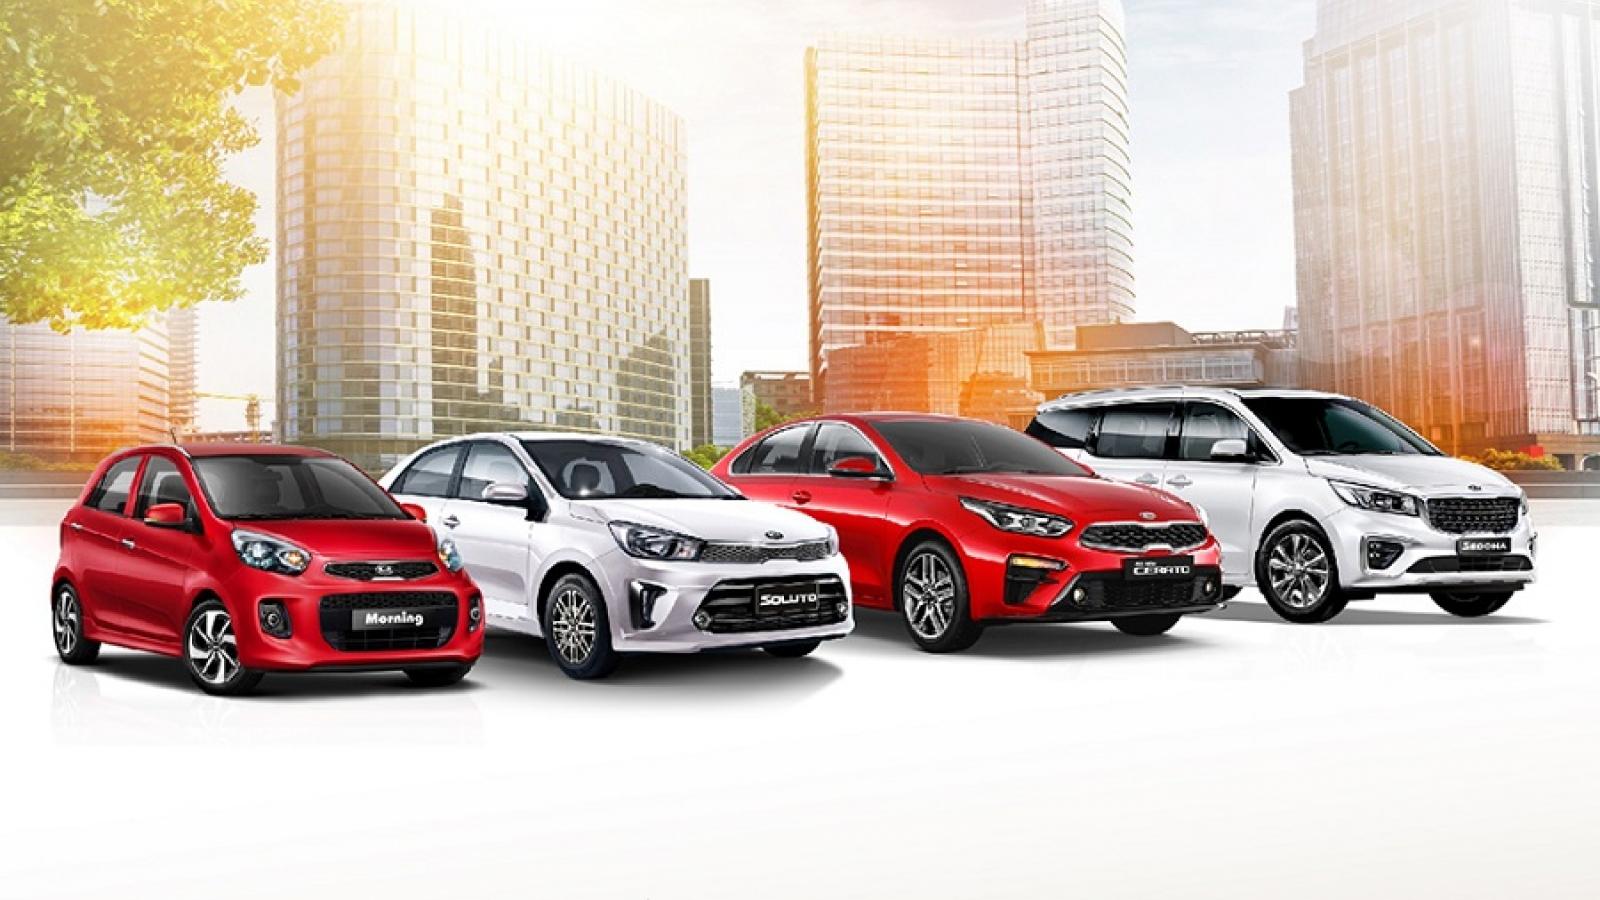 Tiết kiệm đến 70 triệu đồng, nhận quà tặng cao cấp khi mua xe Kia tháng 4